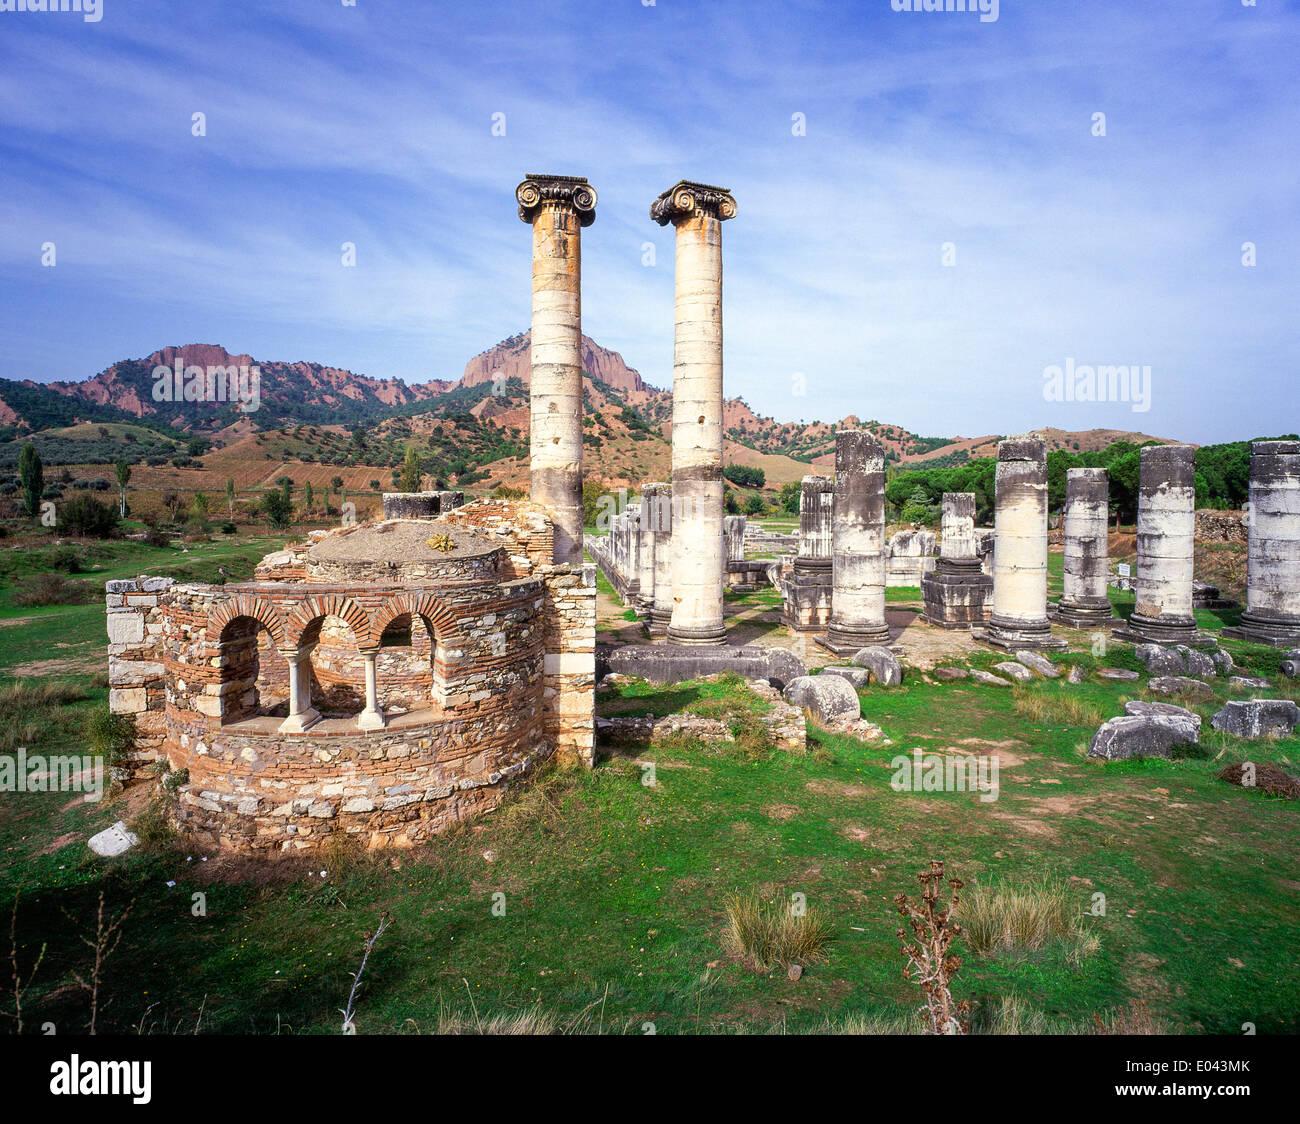 Sardis Turkey